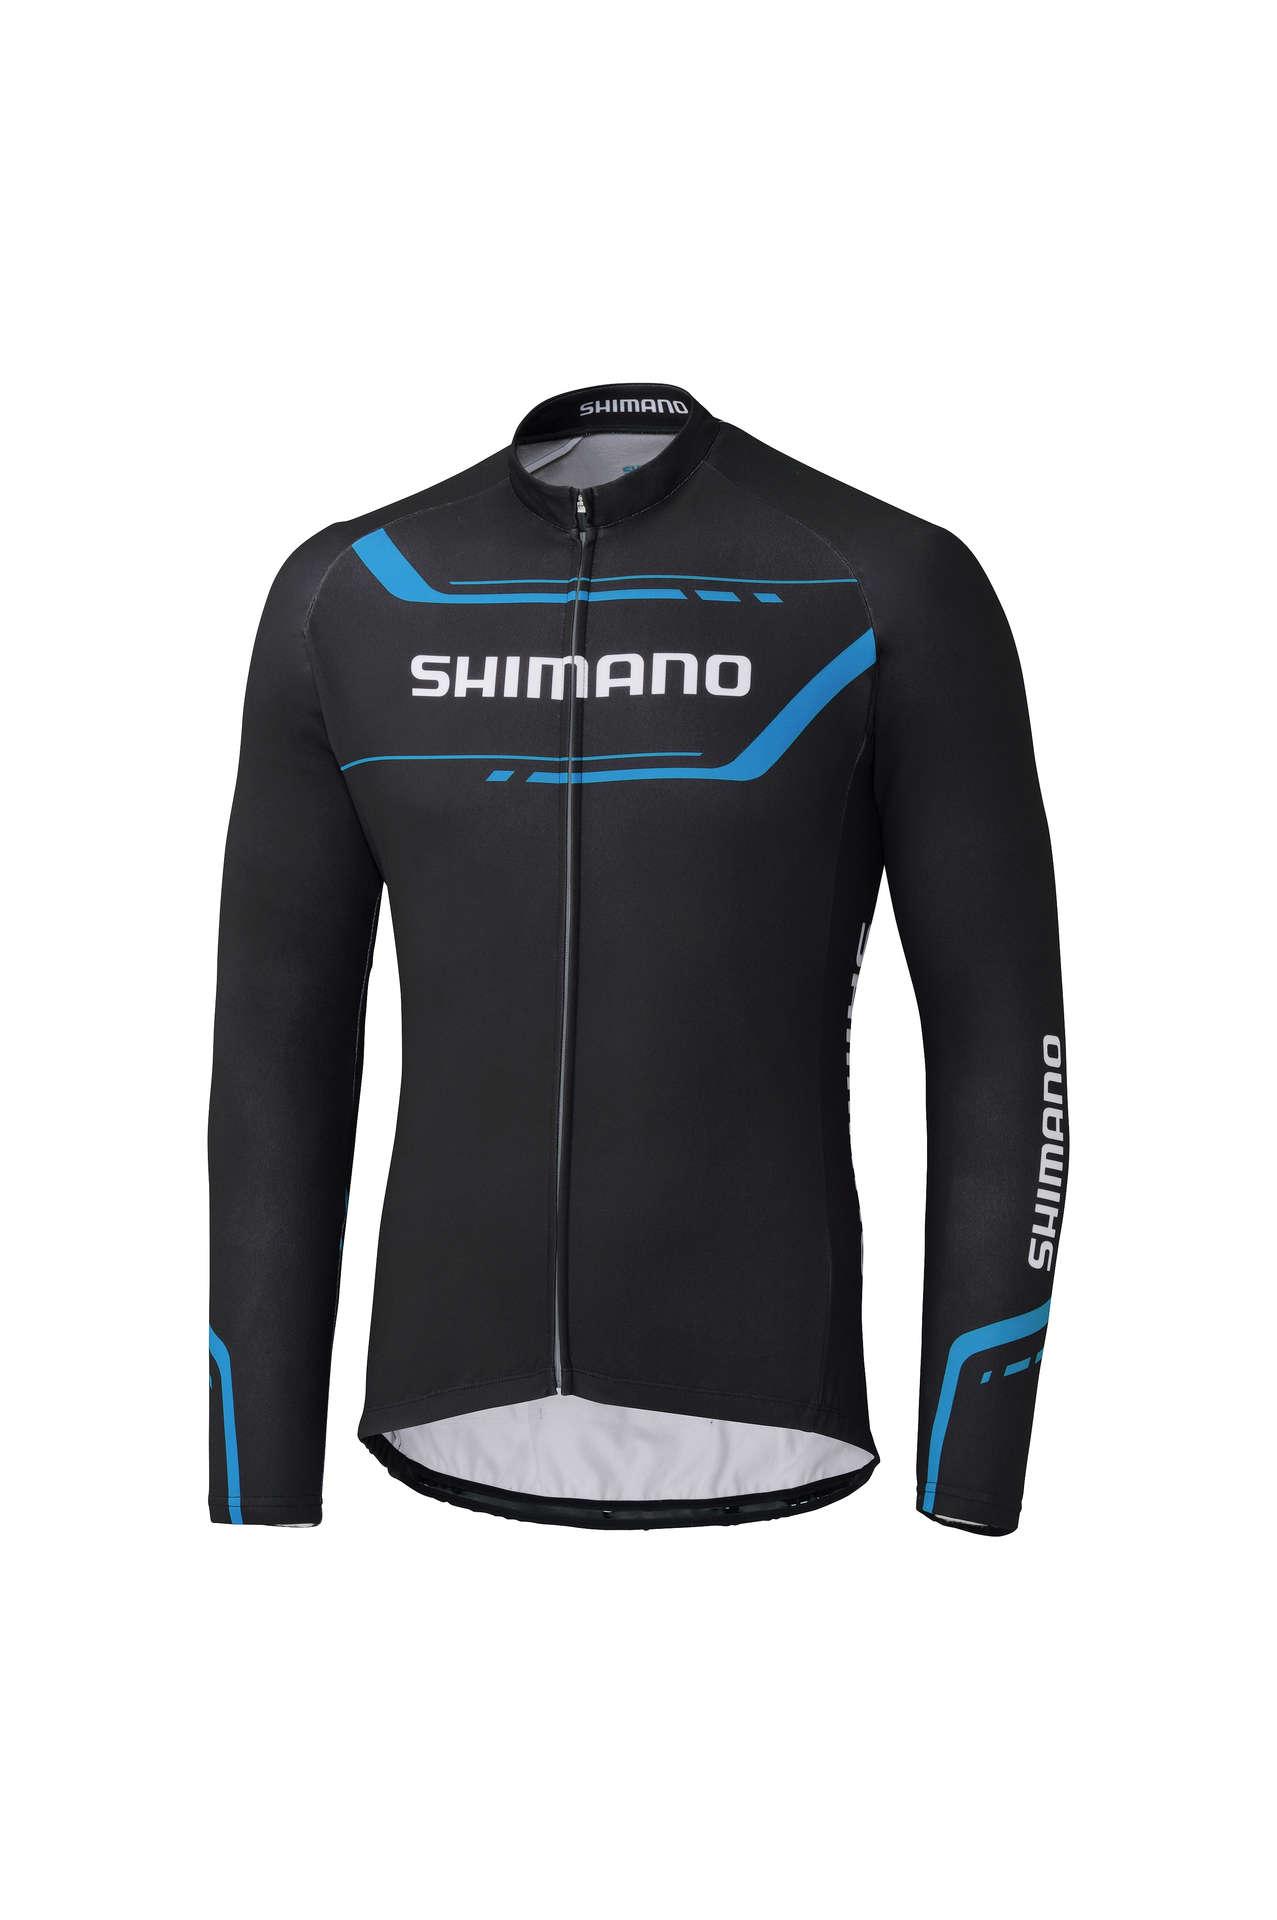 d22075b42532a8 Shimano Thermal Print Fietsshirt Lange Mouwen Zwart Blauw Heren koop ...